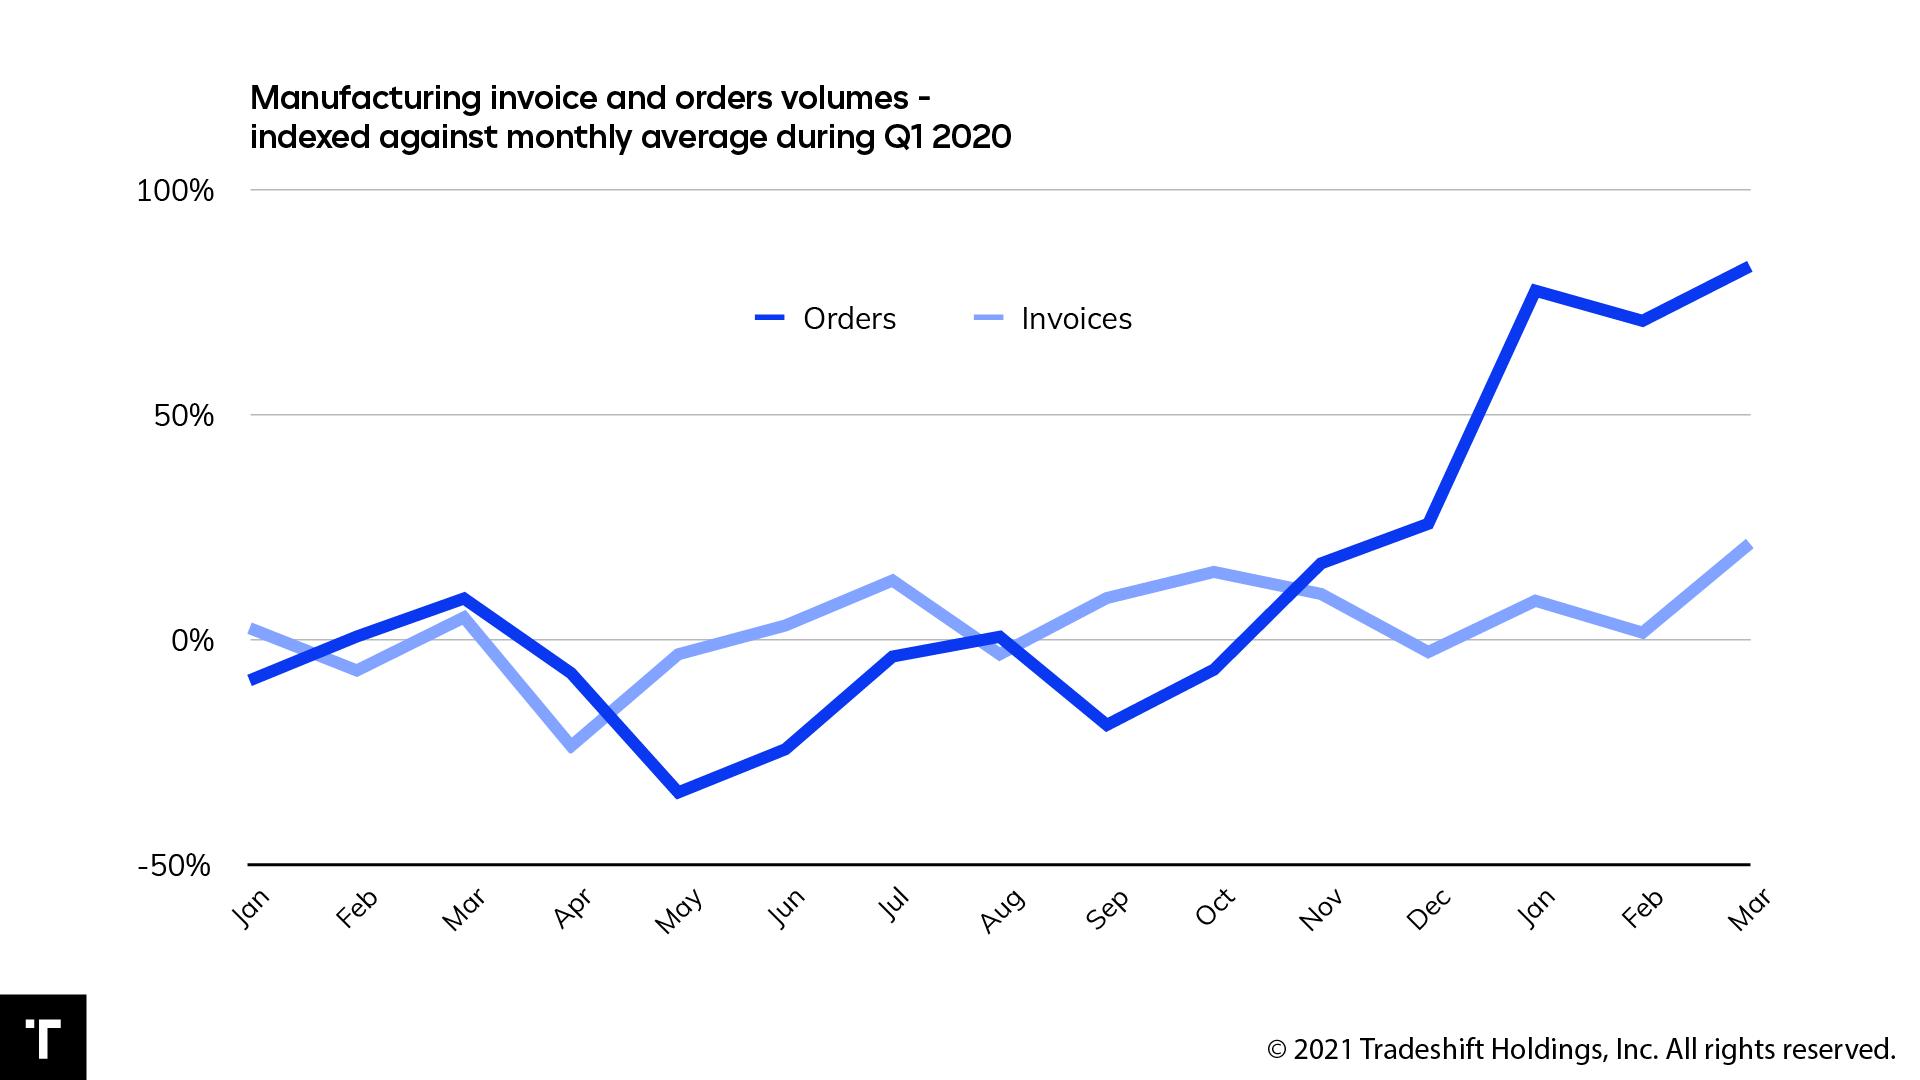 Auftragsvolumen der Hersteller wuchs um 80 Prozent, Rechnungsvolumina nur um 20 Prozent